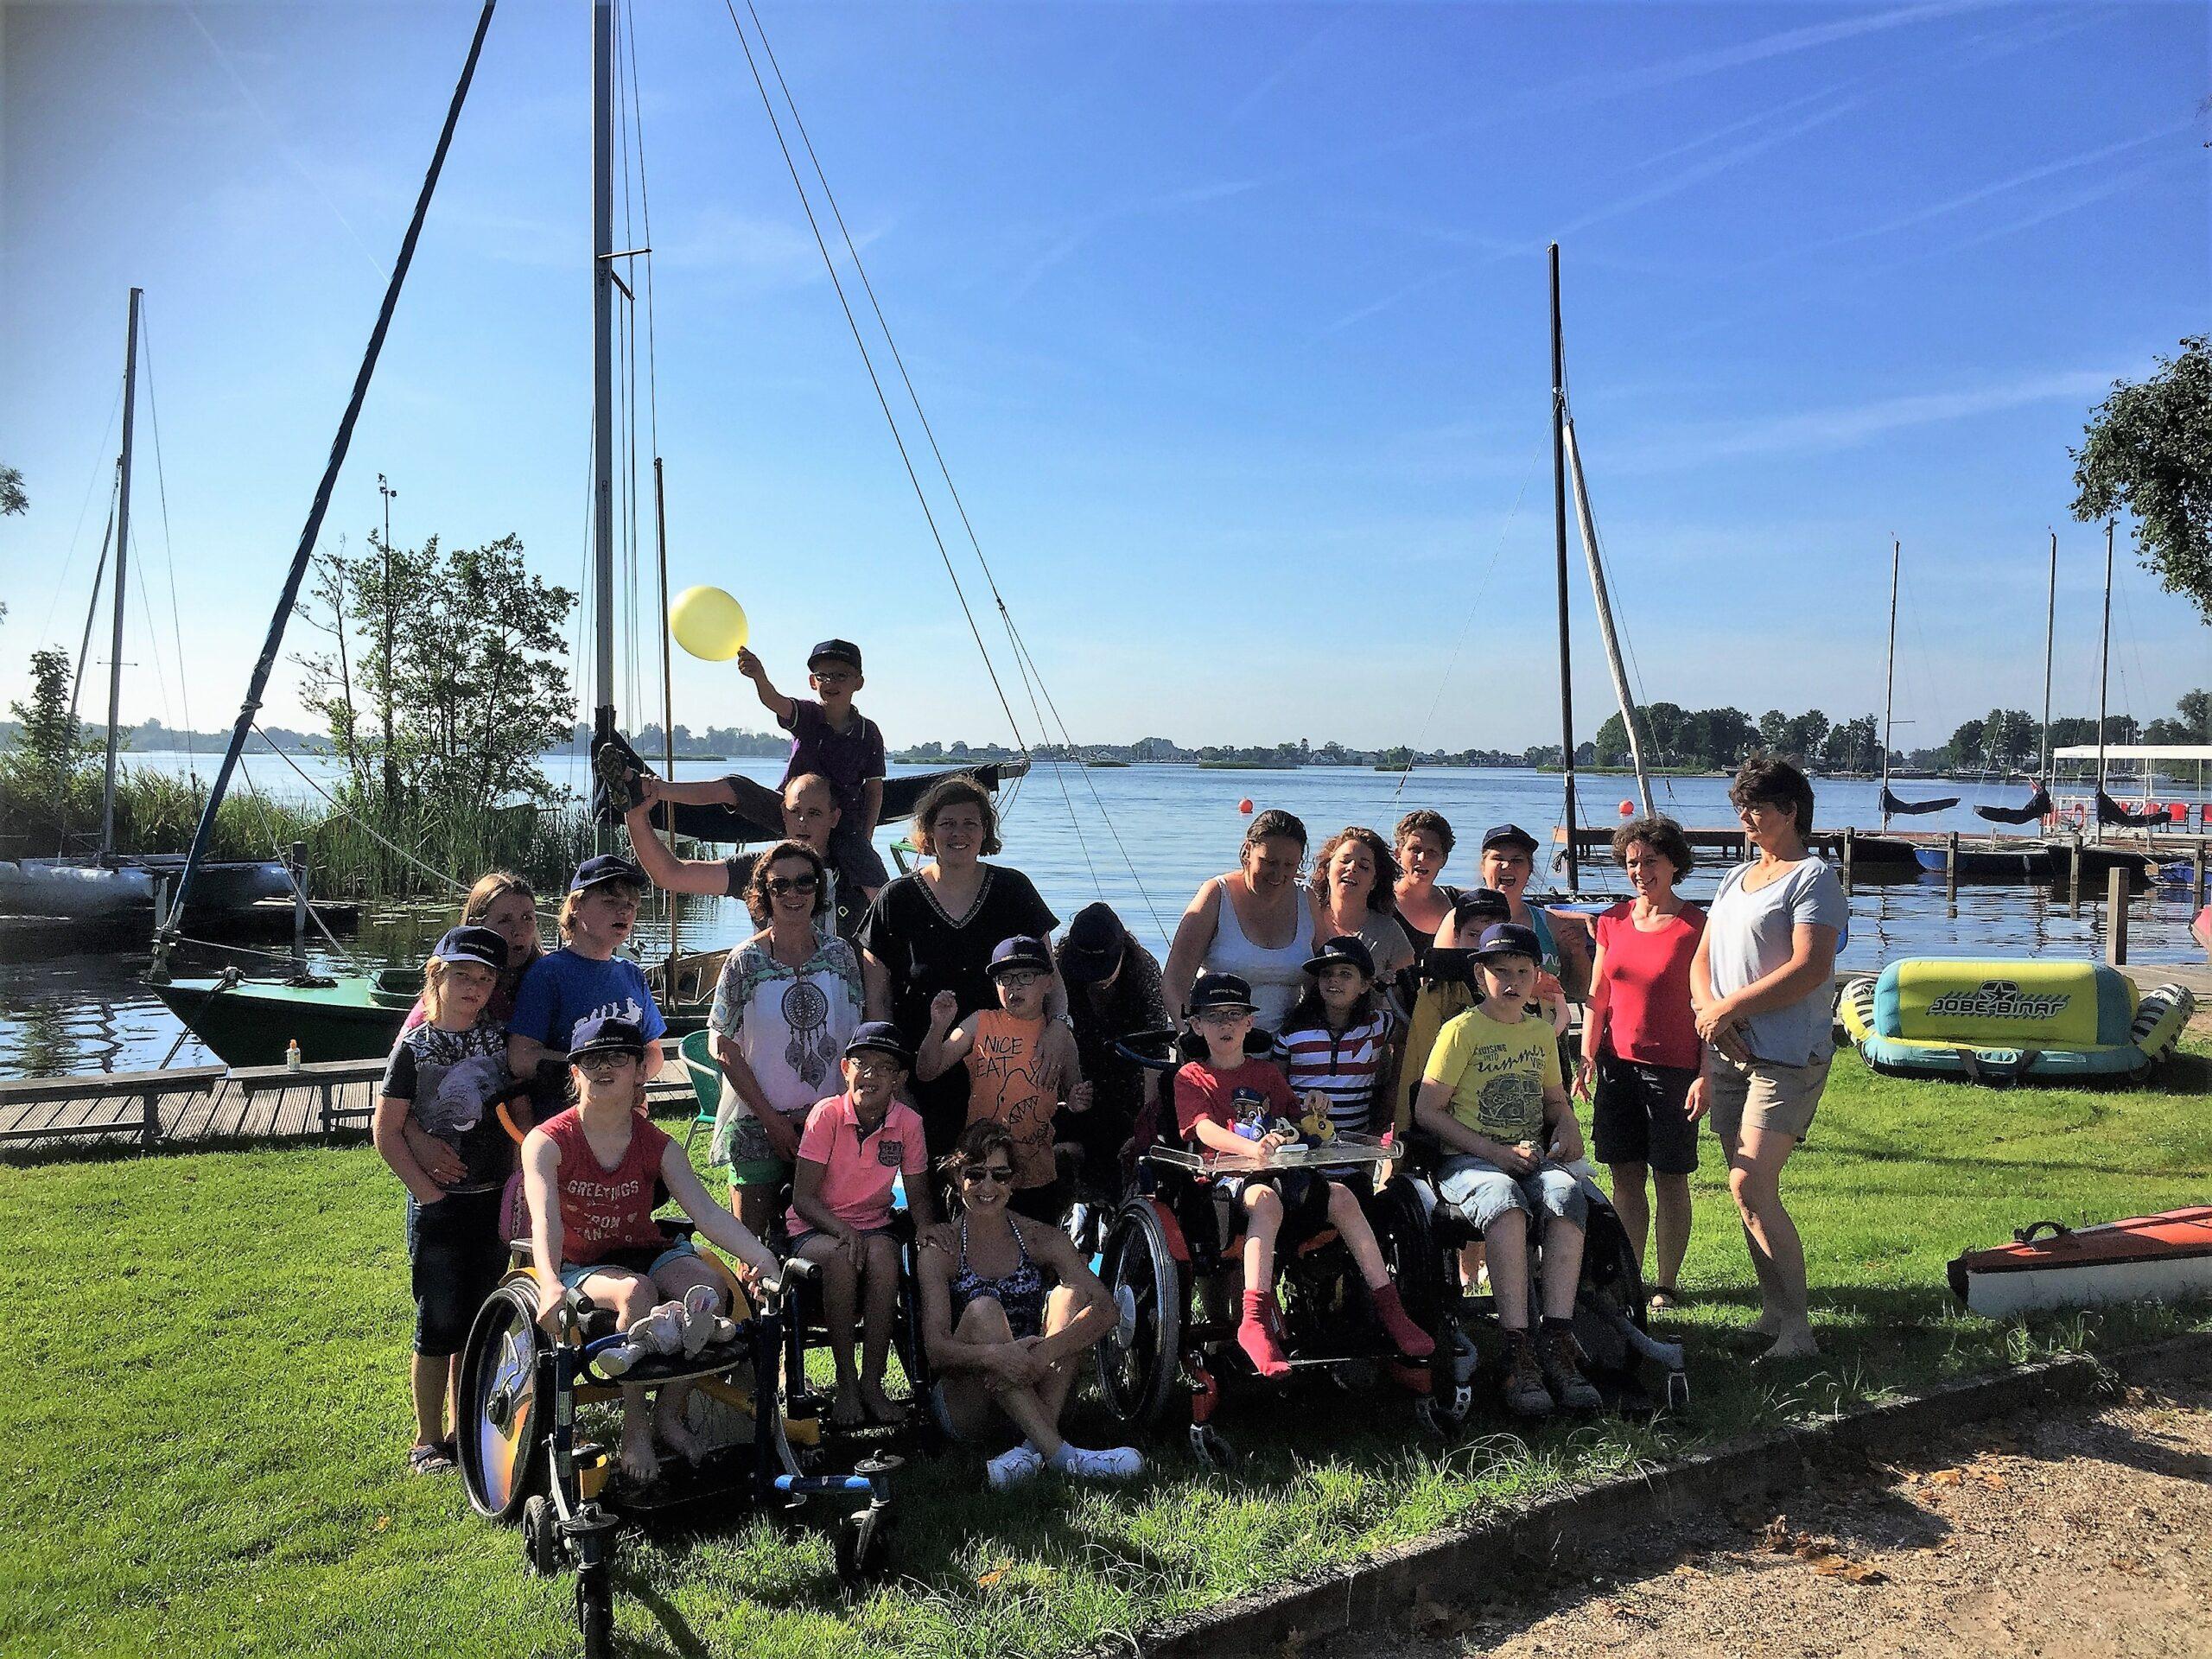 Weekend eiland Robinson Crusöe dankzij onze sponsors!